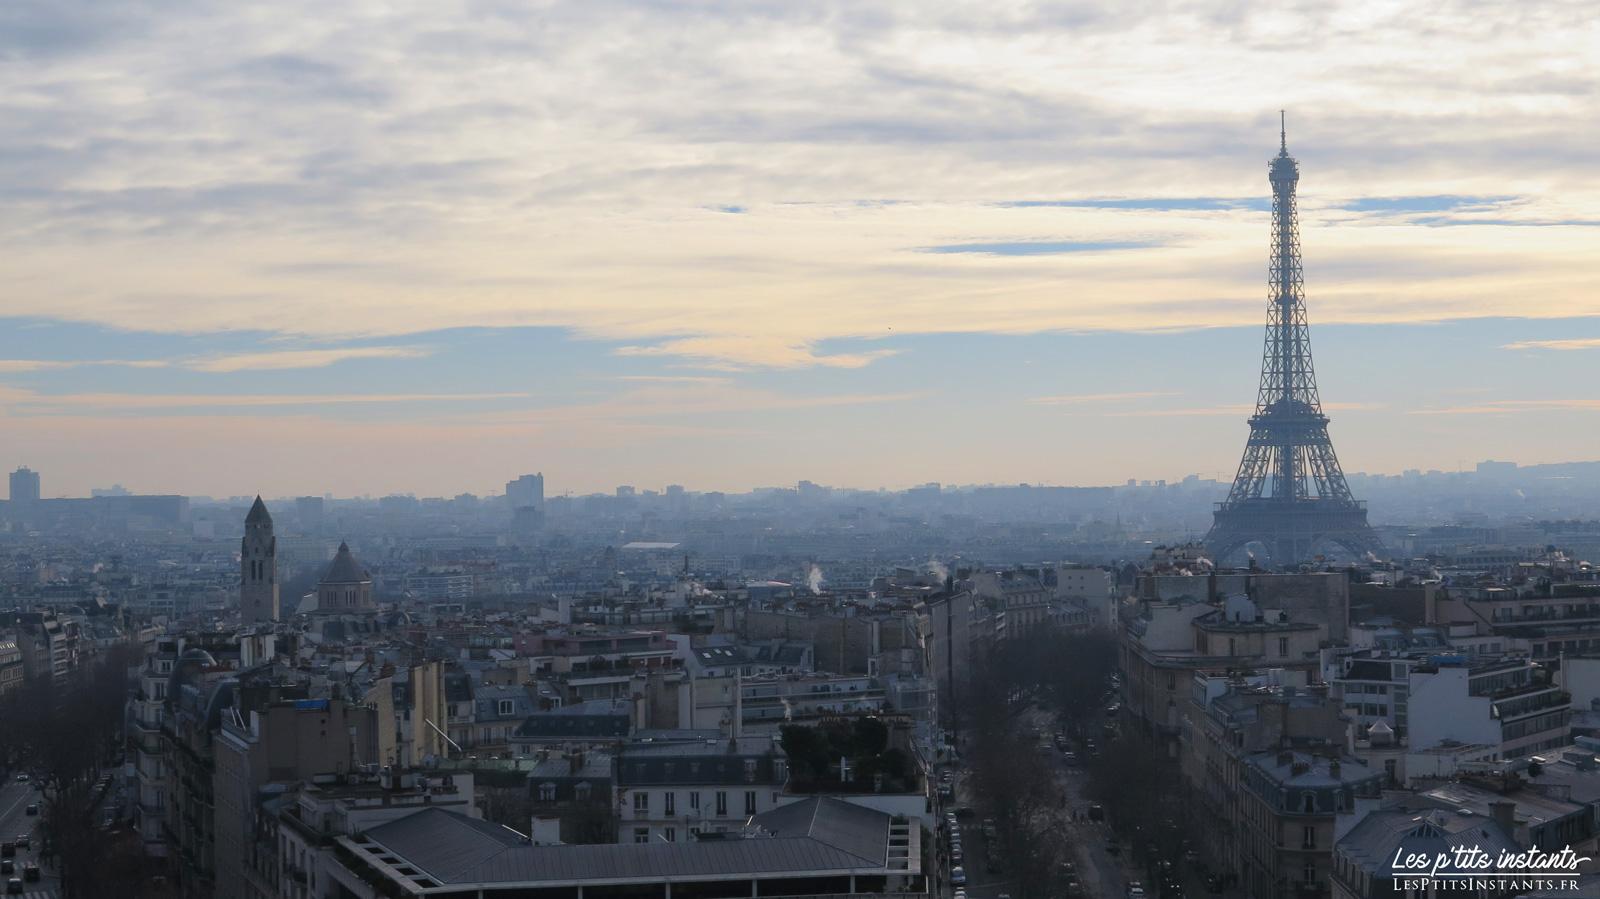 La Tour Eiffel dans la brume, depuis le sommet de l'Arc de Triomphe